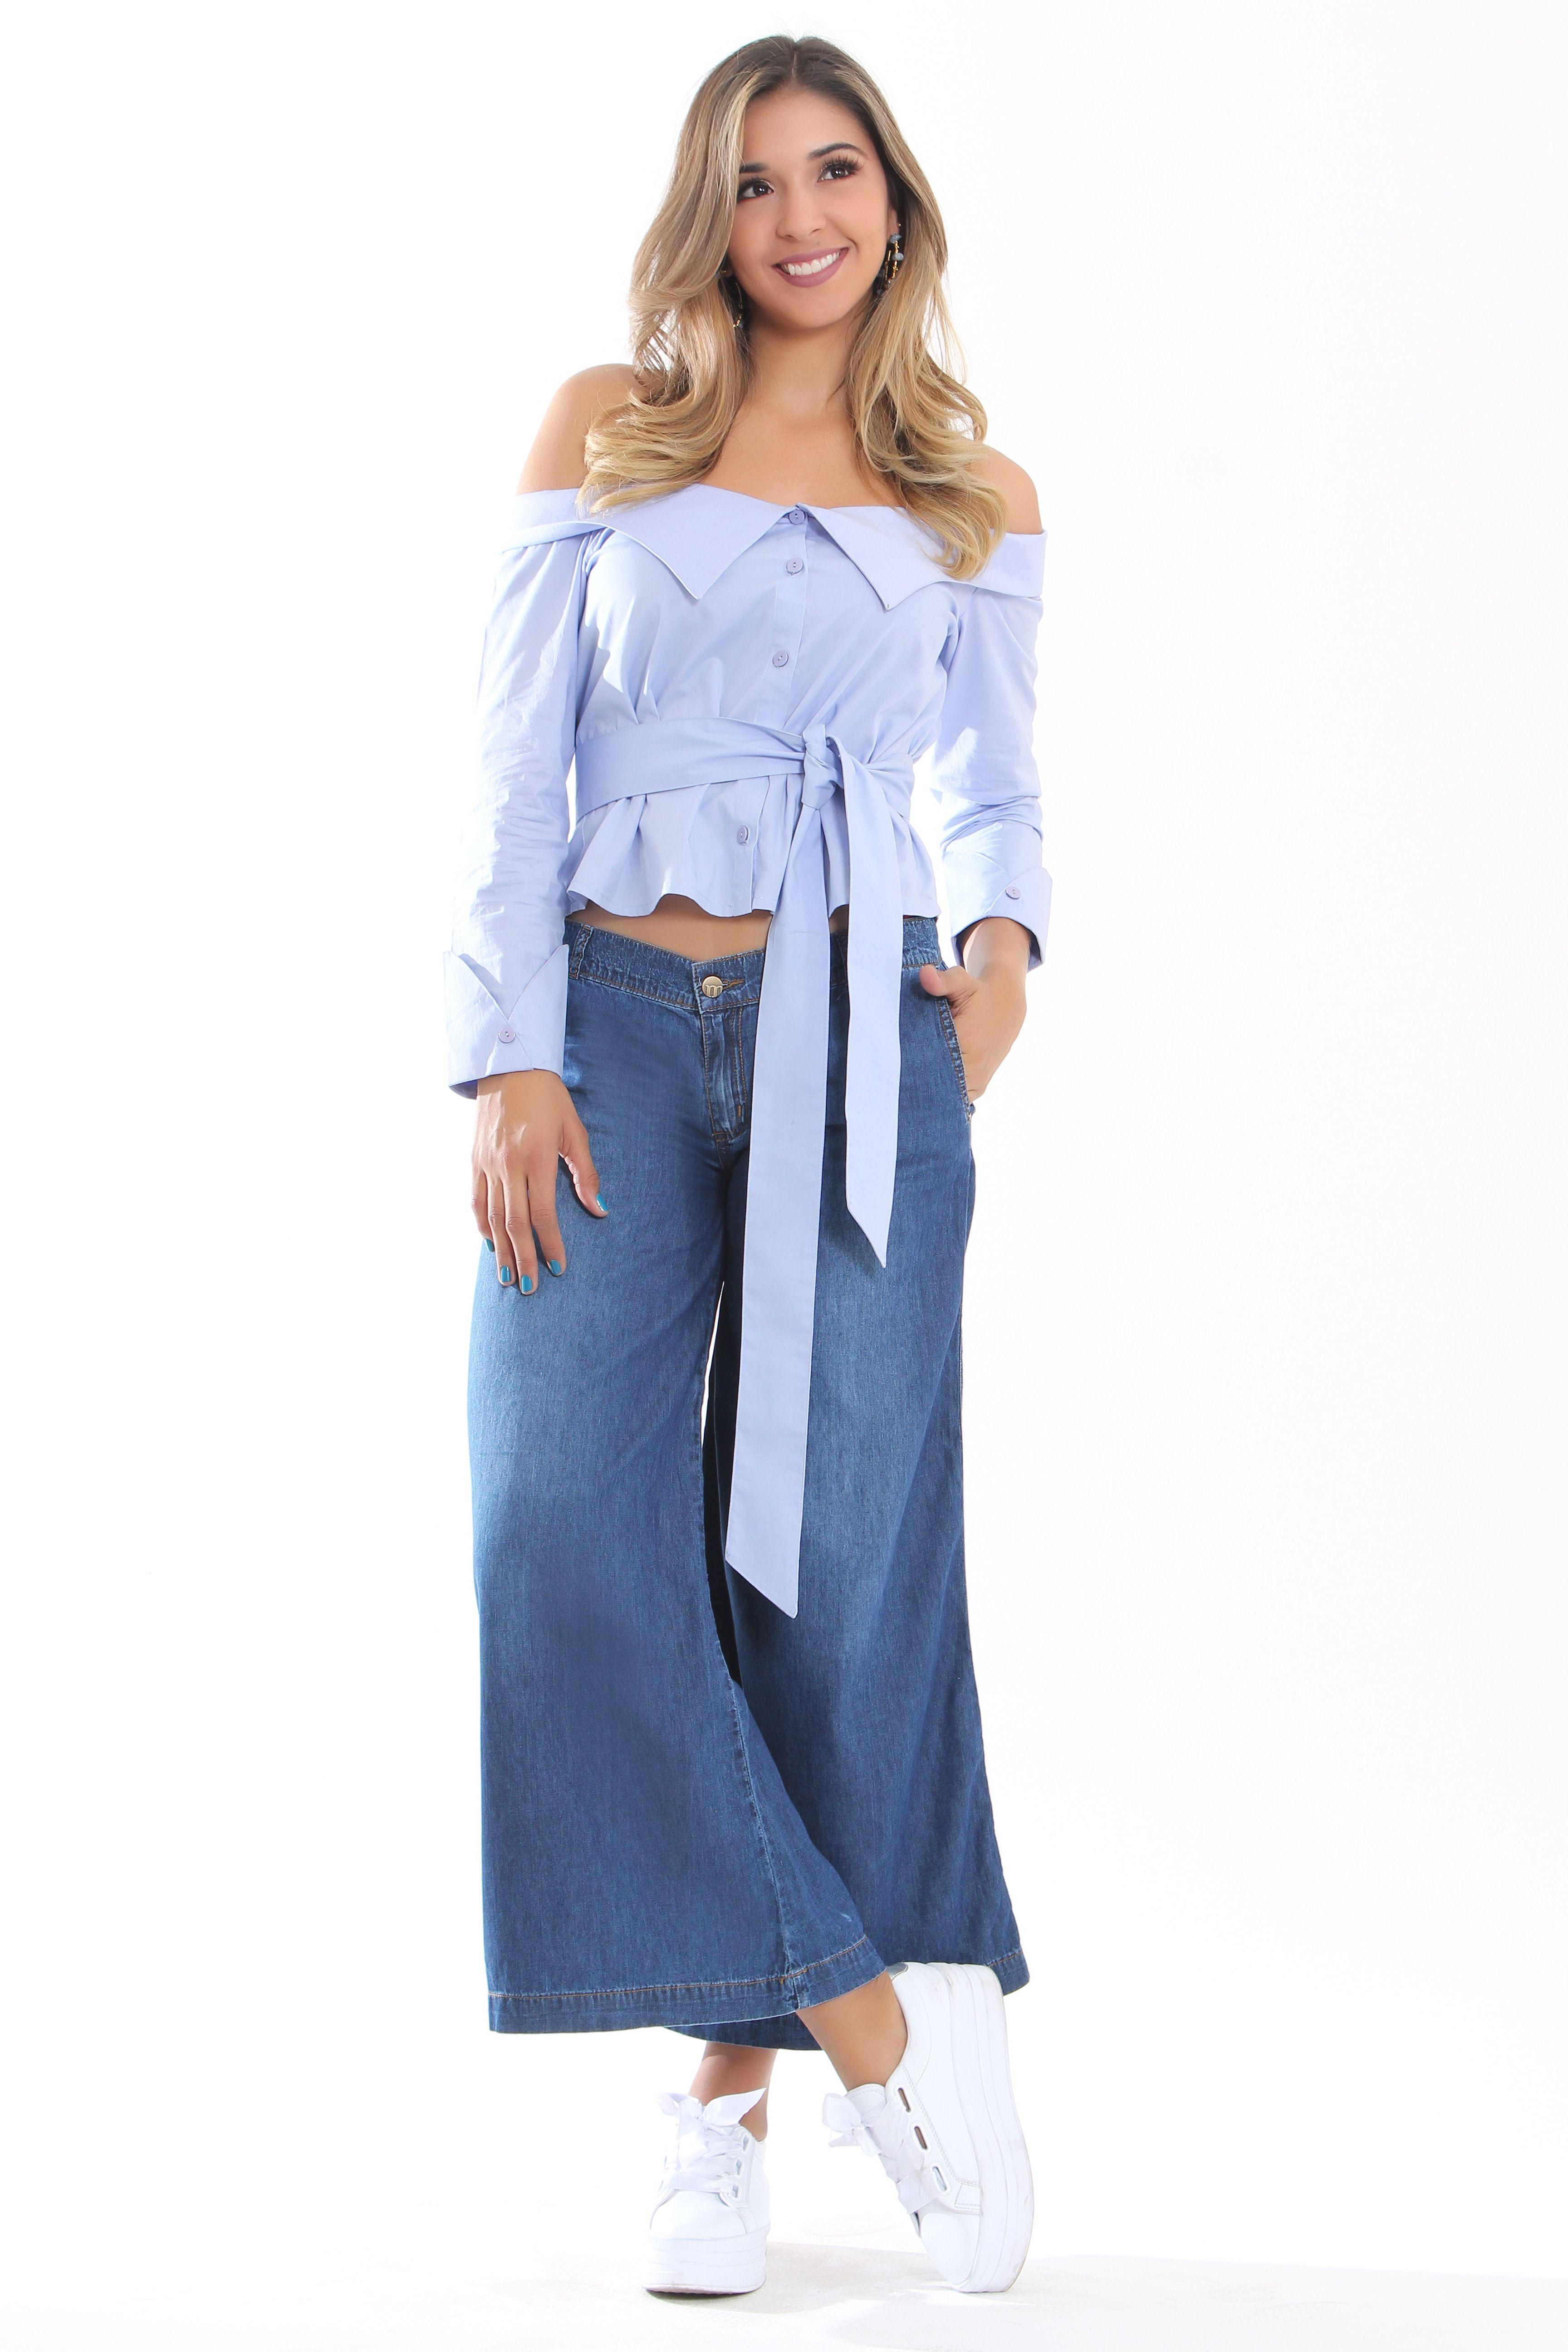 2307a0a346 Maxxim jeans (maxximjeans) en Pinterest